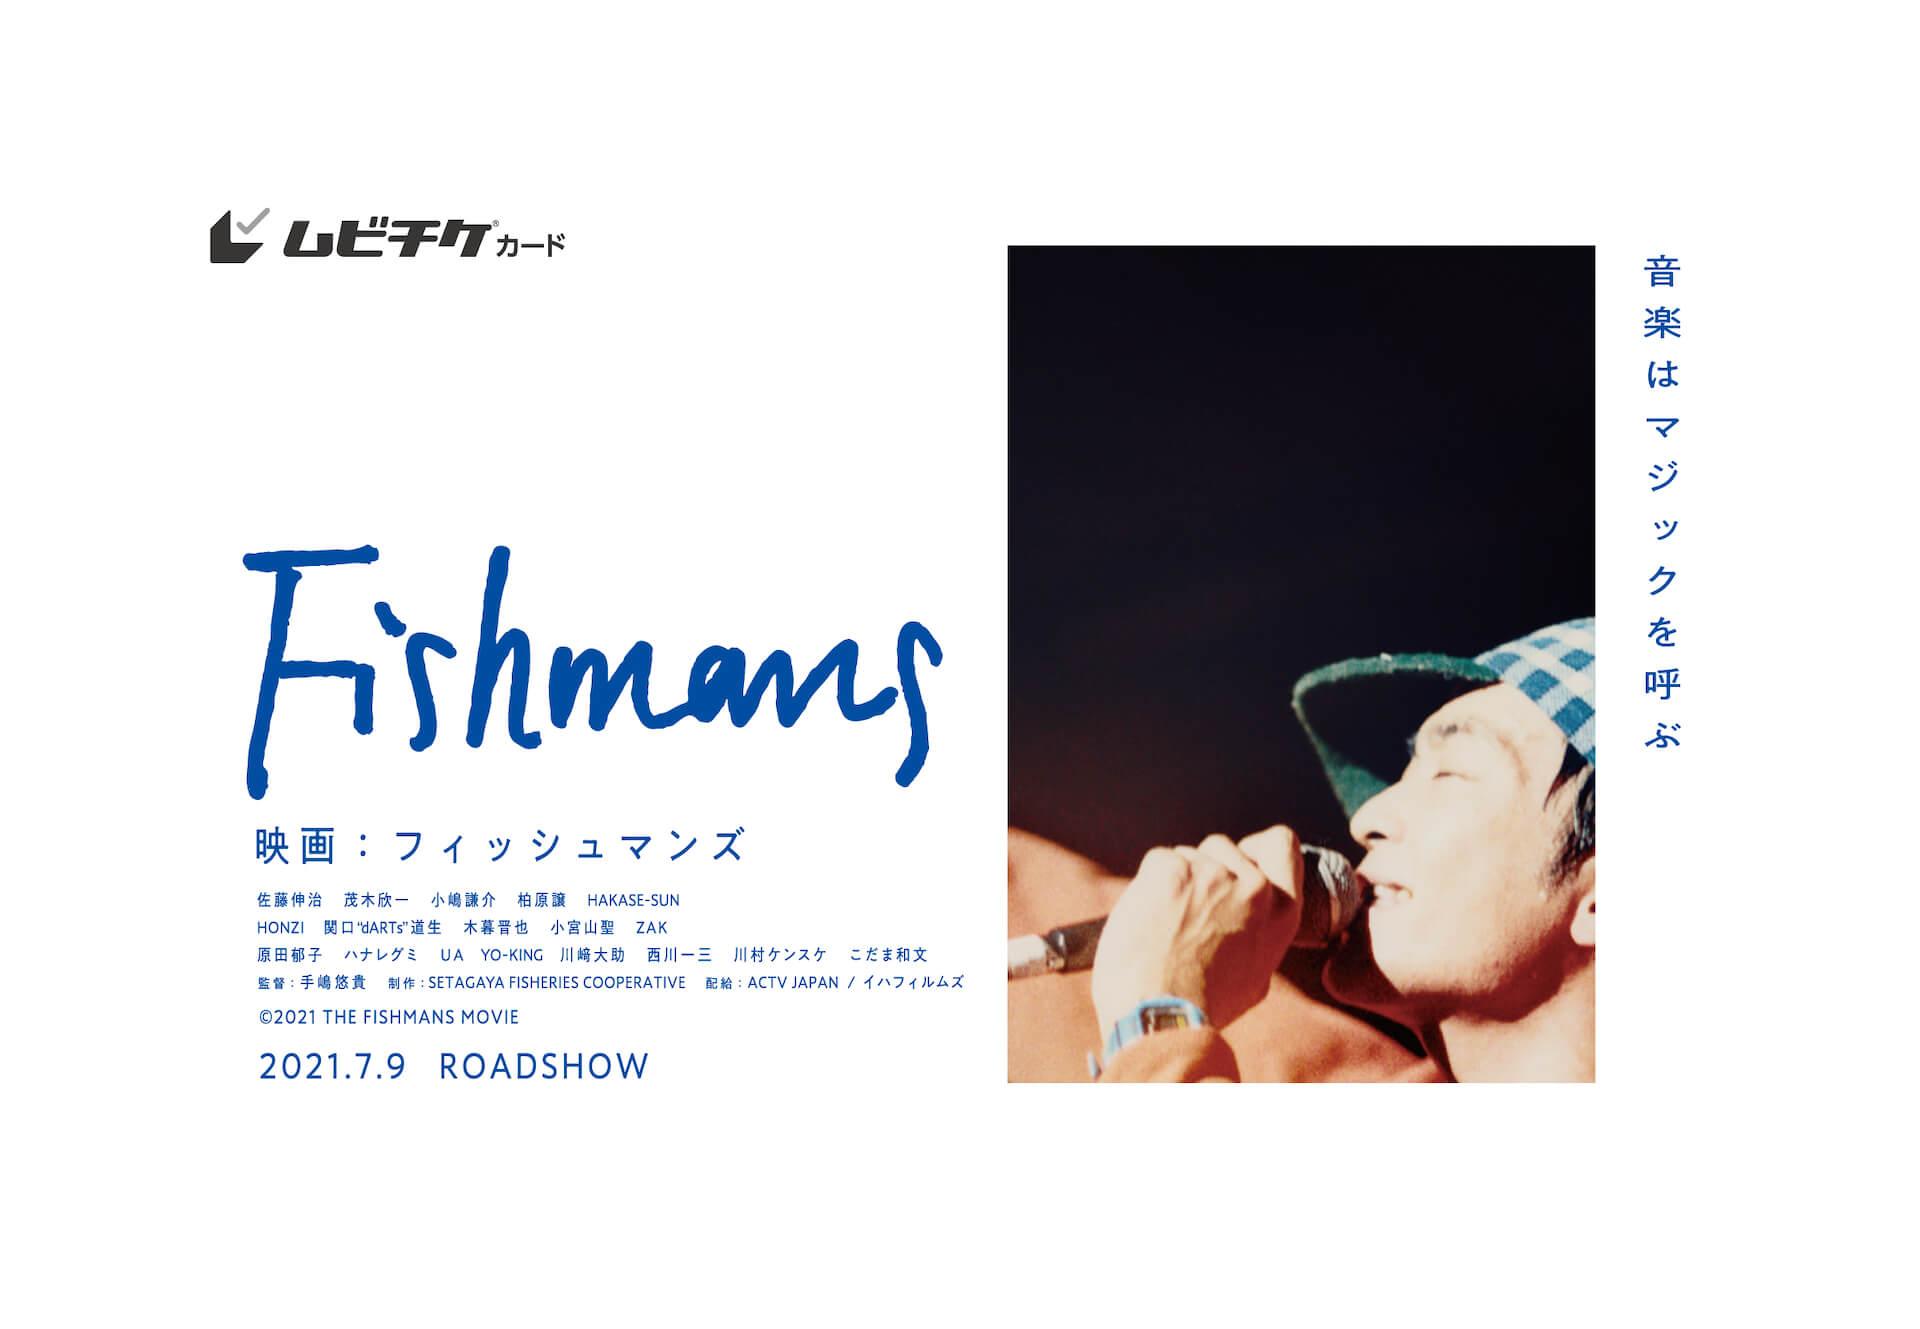 佐藤伸治との出会いをメンバーが語る!『映画:フィッシュマンズ』の新予告が解禁&ムビチケカードも販売スタート film210609_fishmans_main